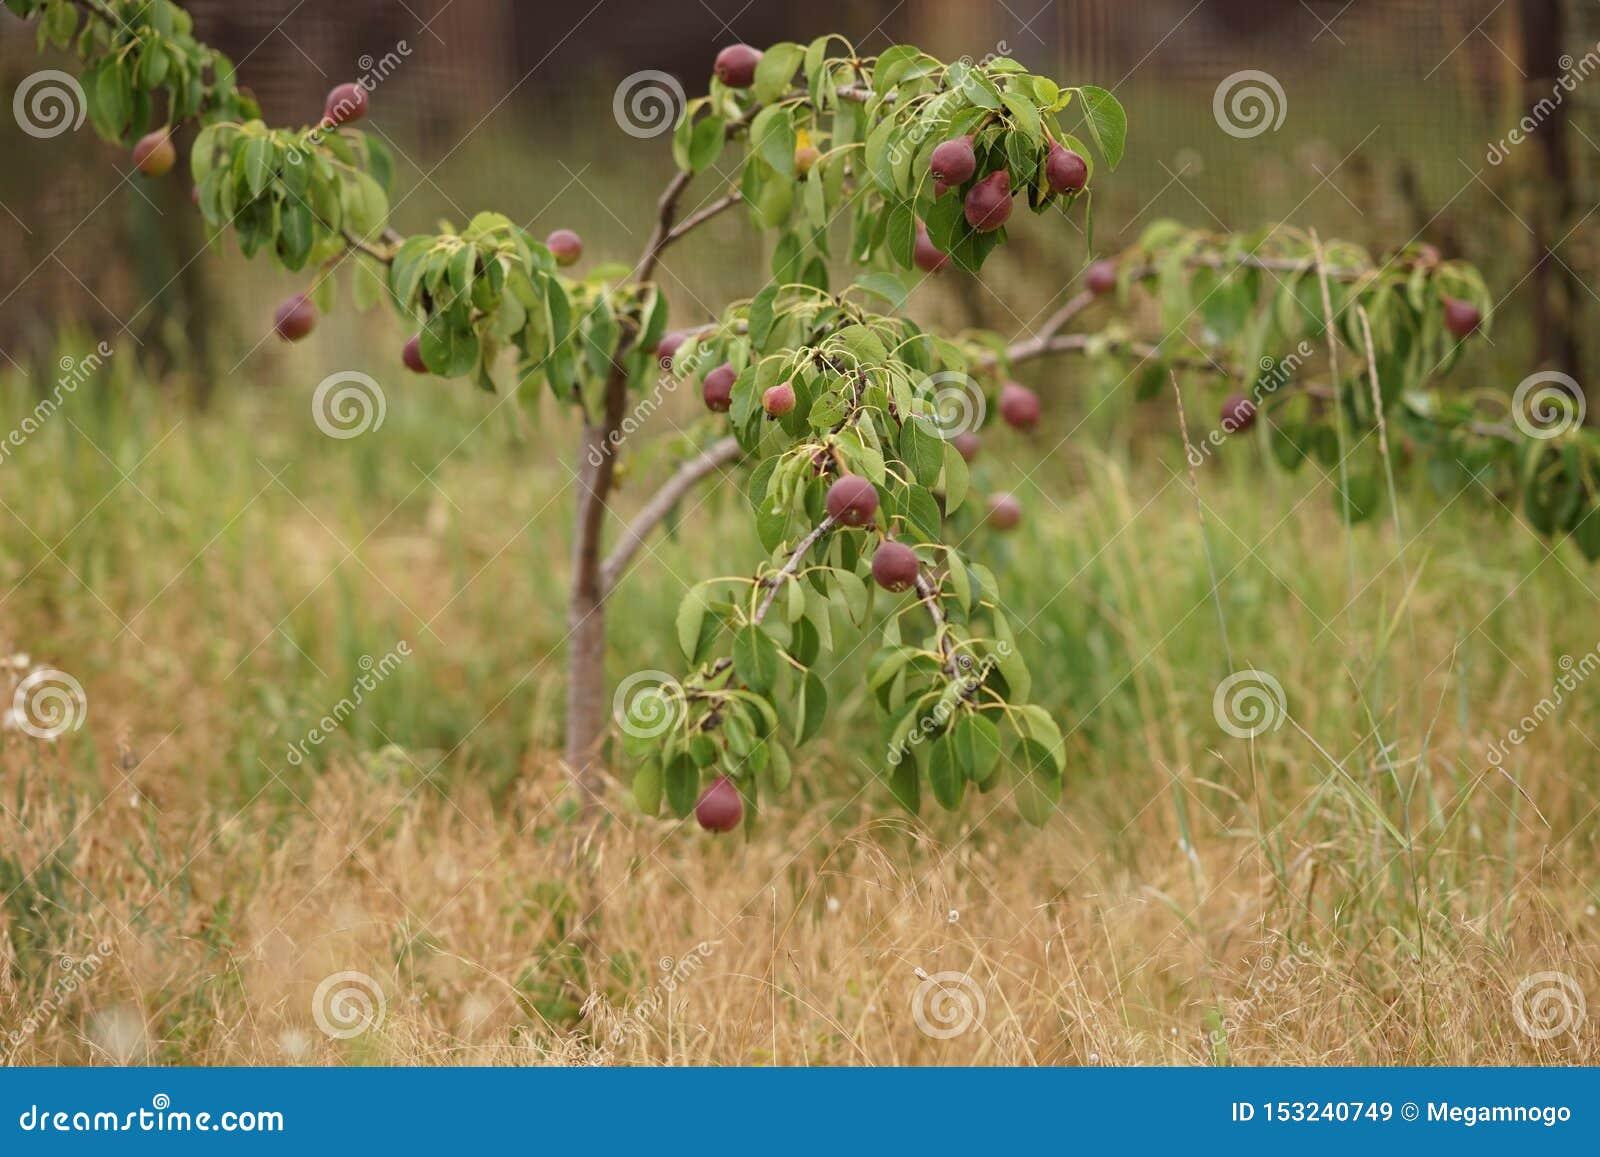 Νέο οπωρωφόρο δέντρο με τα σκοτεινά burgundy αχλάδια που αυξάνονται στο θερινό κήπο